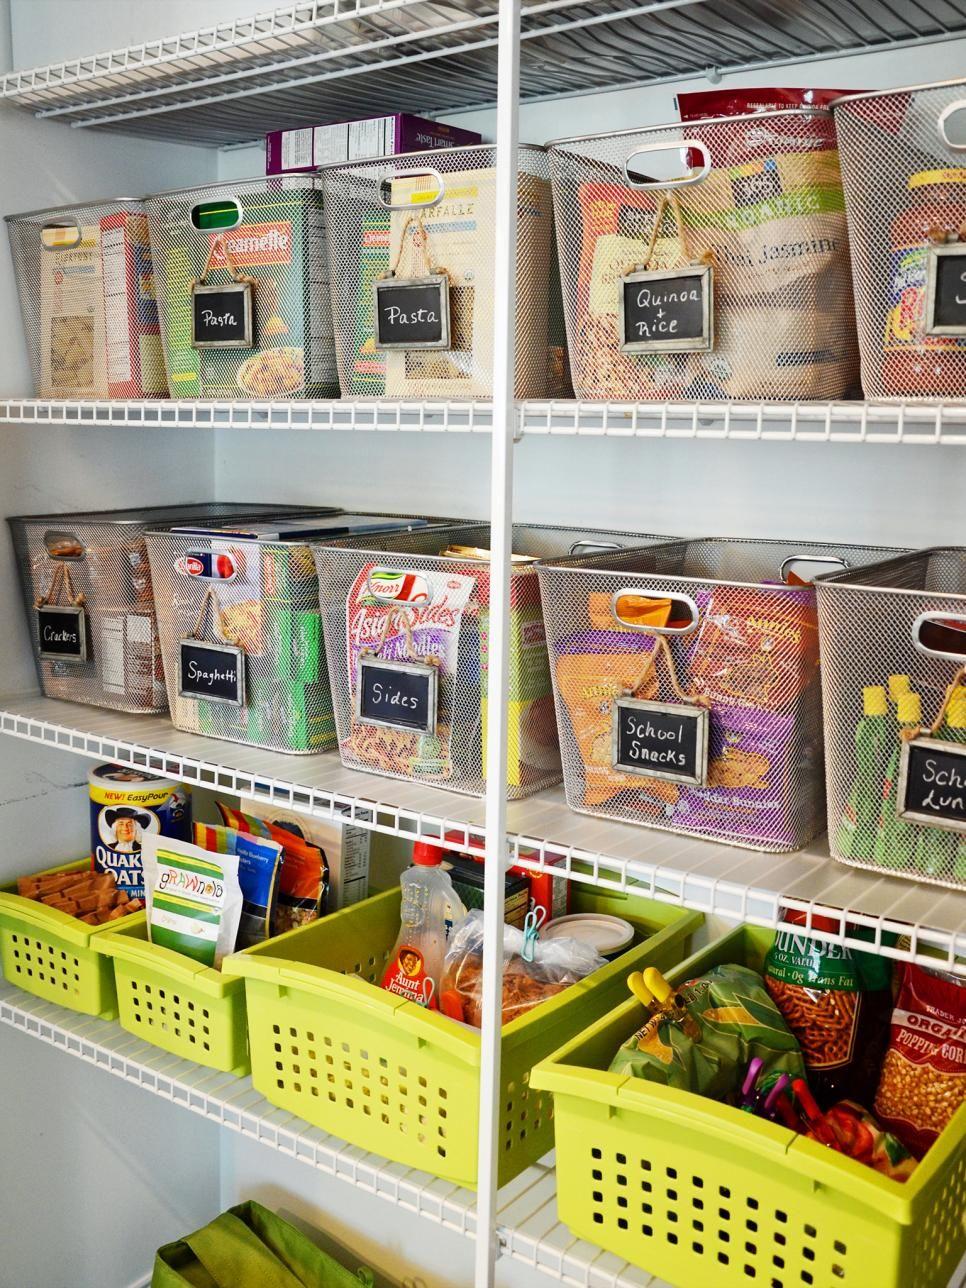 kitchen organization ideas 29 Clever Ways to Keep Your Kitchen Organized